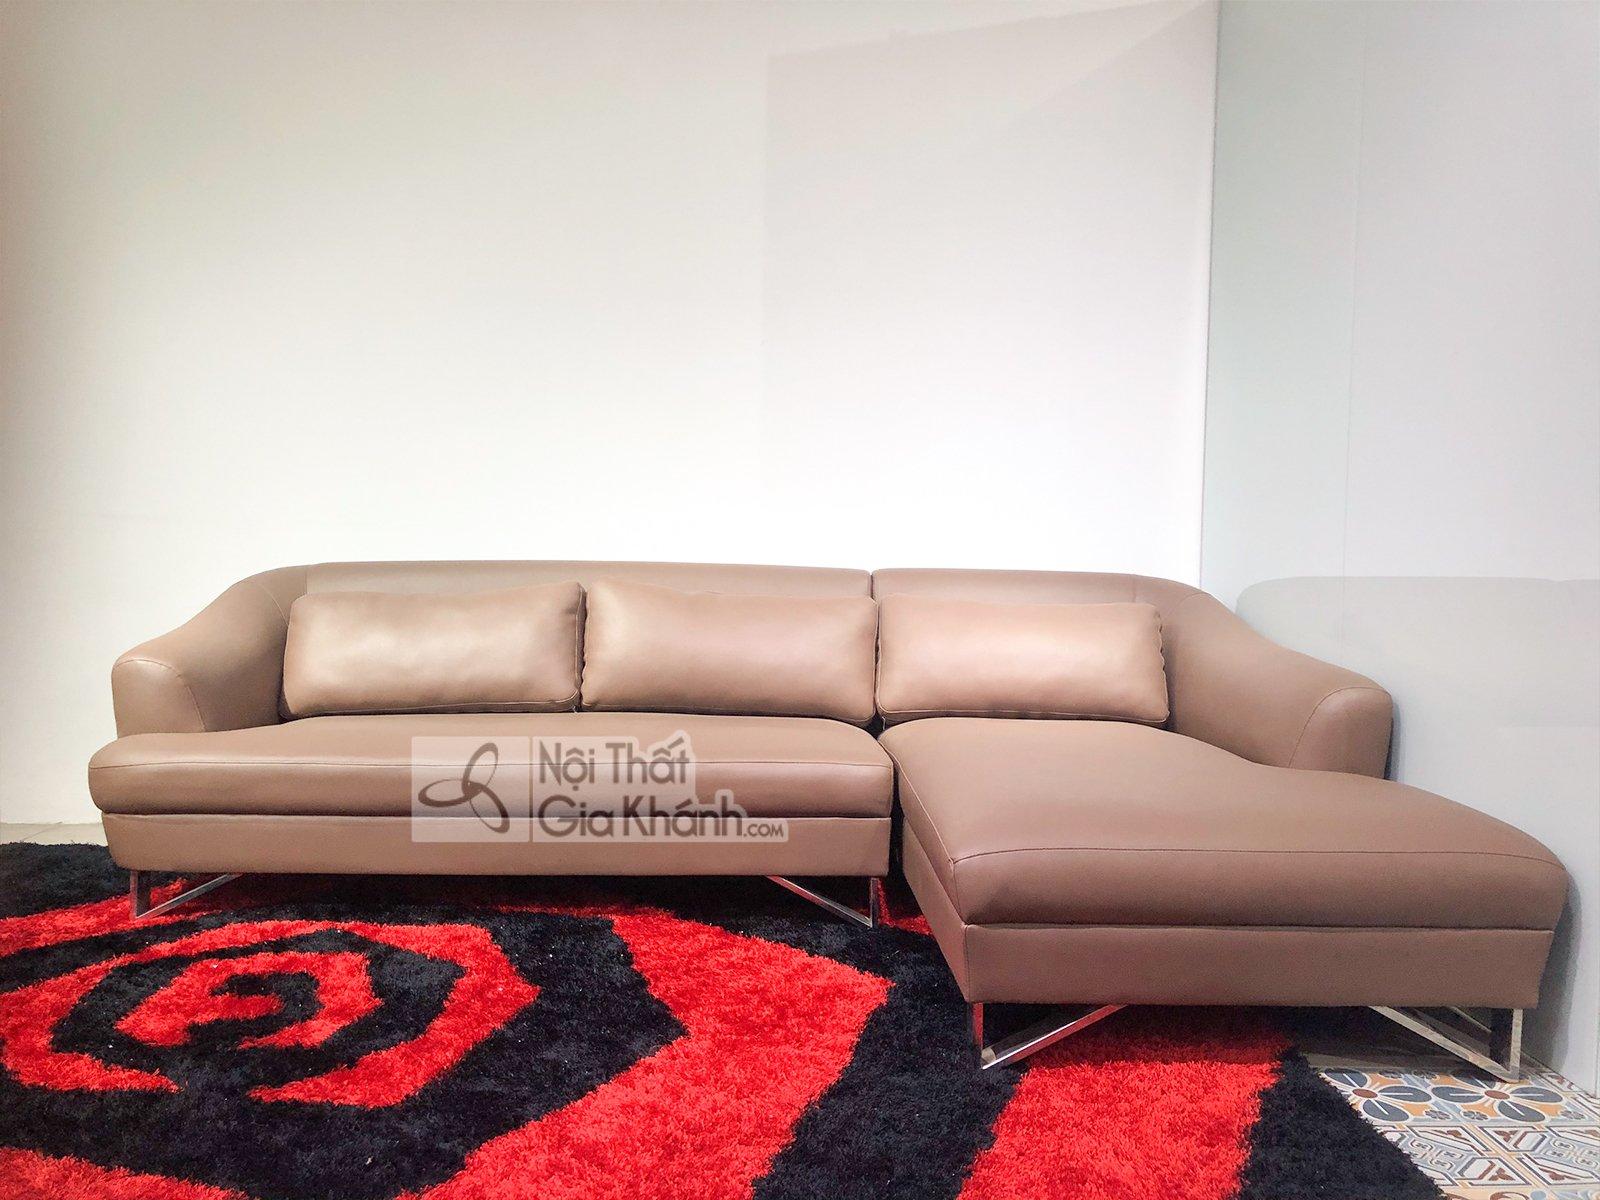 Sofa Da Hiện Đại 2 Băng Góc Trái Cho Phòng Khách 1607Nt-Sf